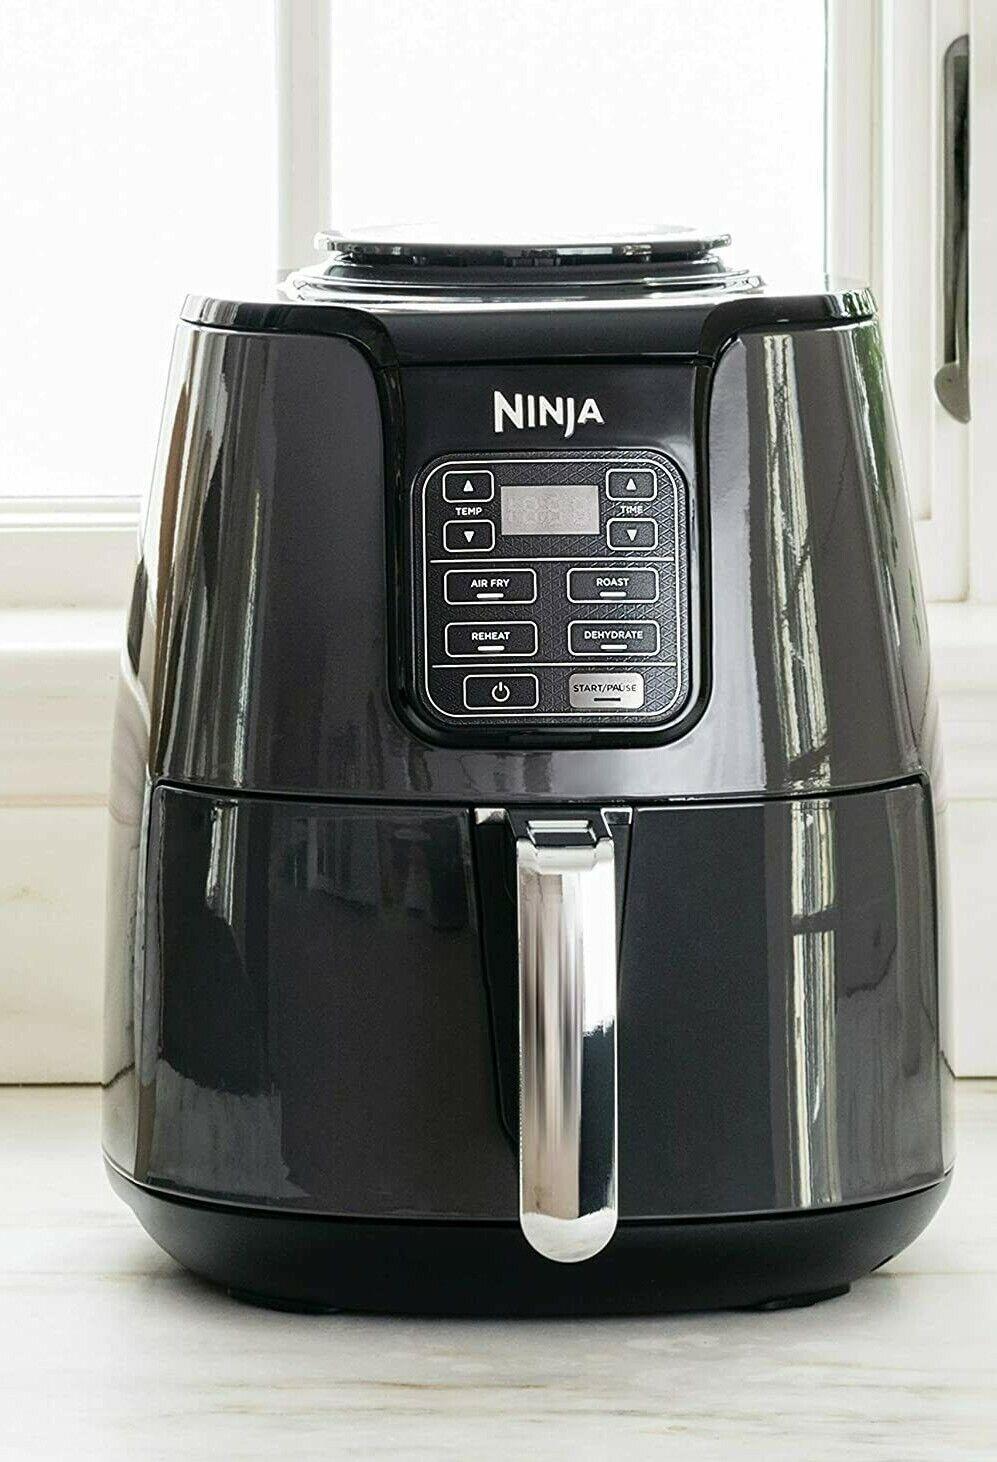 OB25C Ninja Air Fryer 4qt  Guilt Free Fried Food Black AF101 Shark